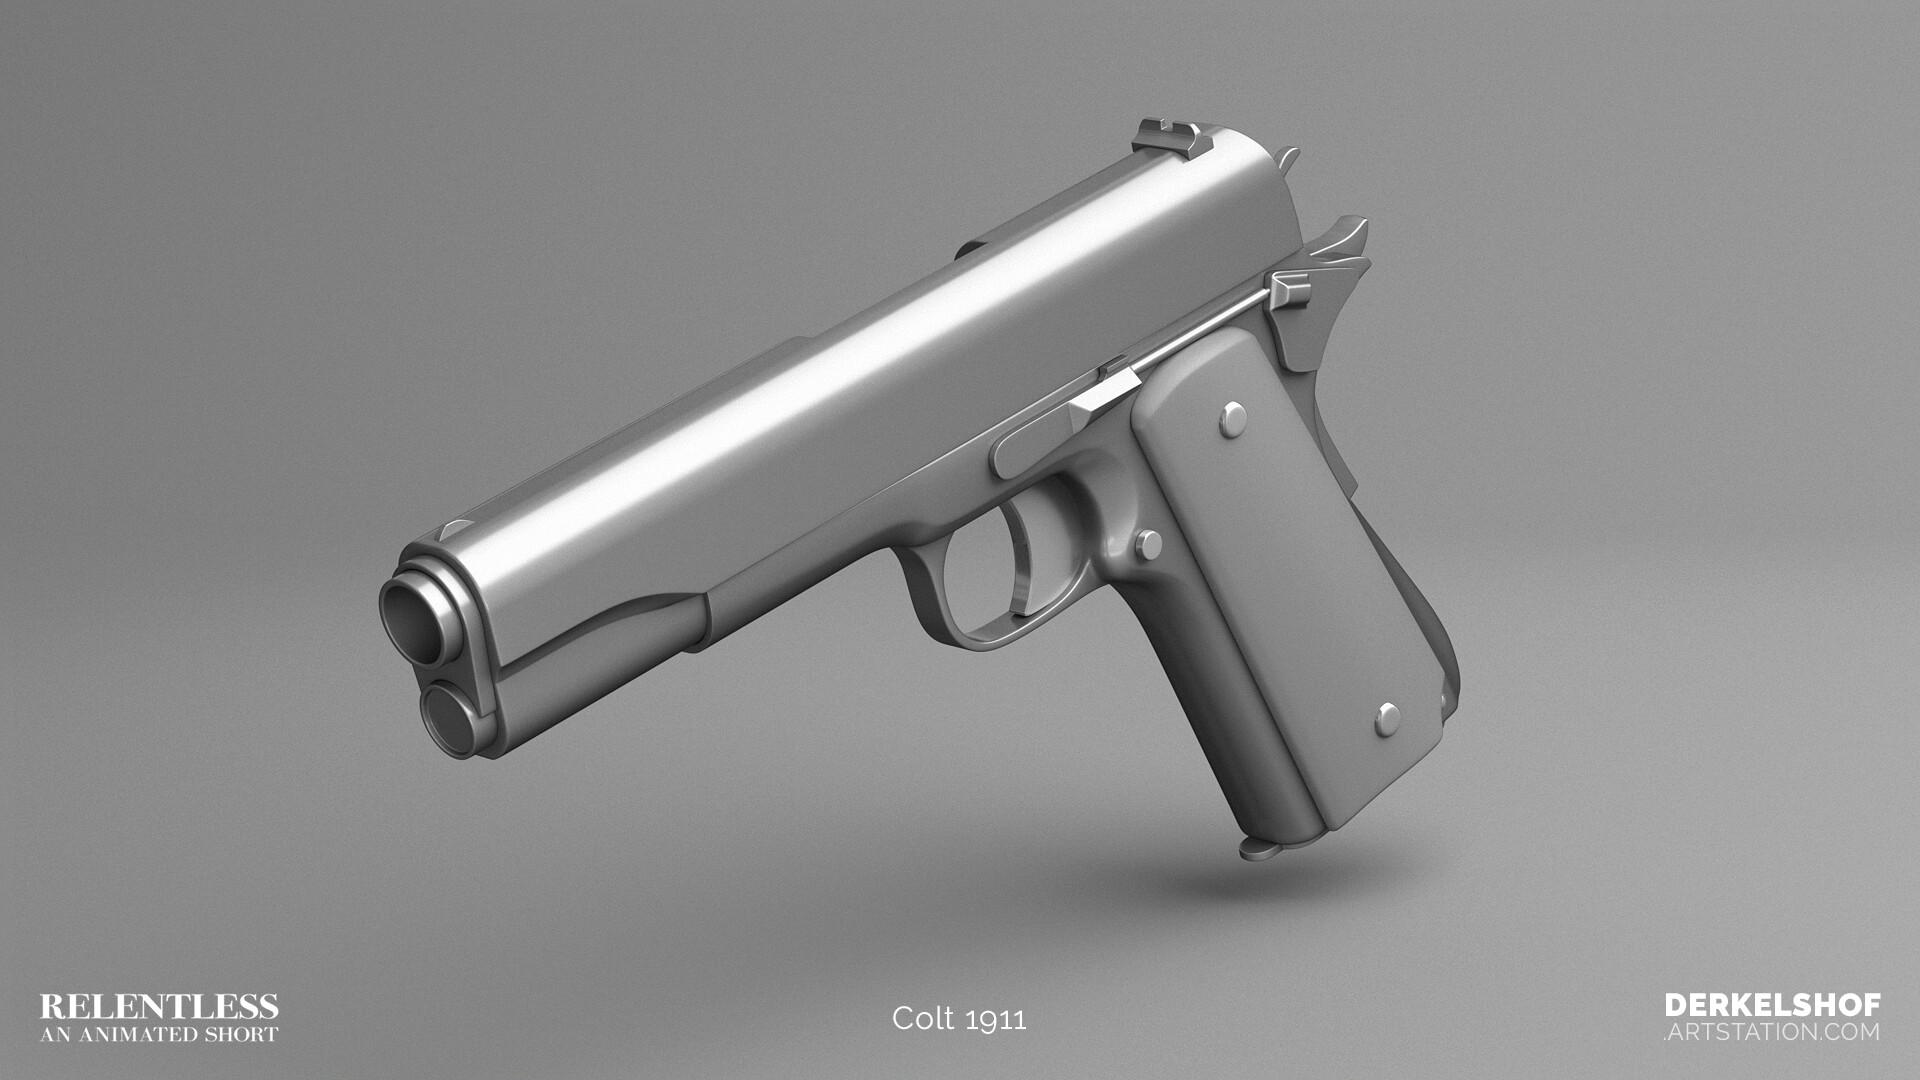 Derk elshof relentless gun 01